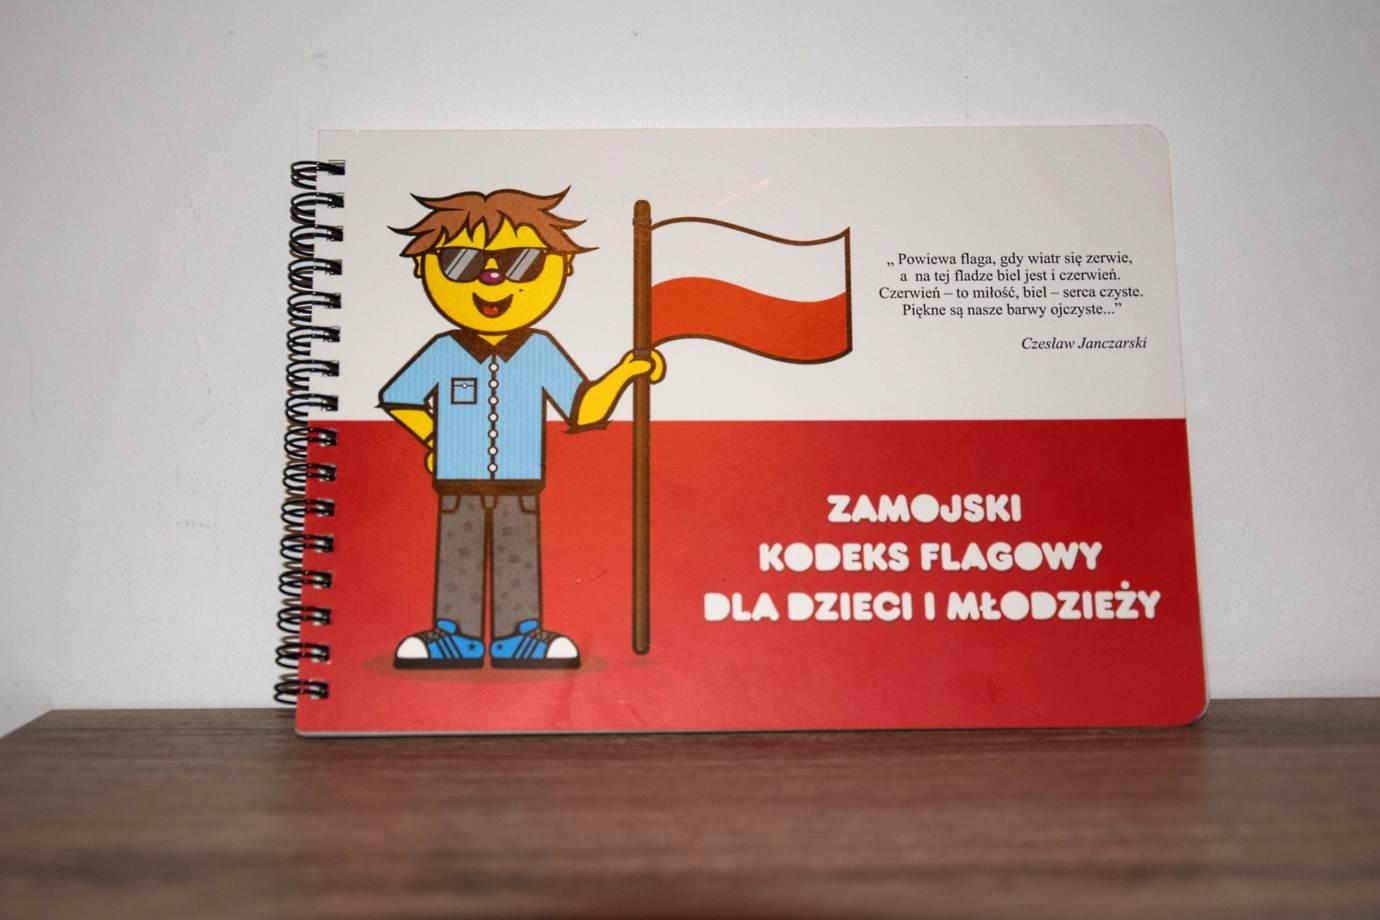 Powstał Zamojski Kodeks Flagowy Dla Dzieci I Młodzieżynowy